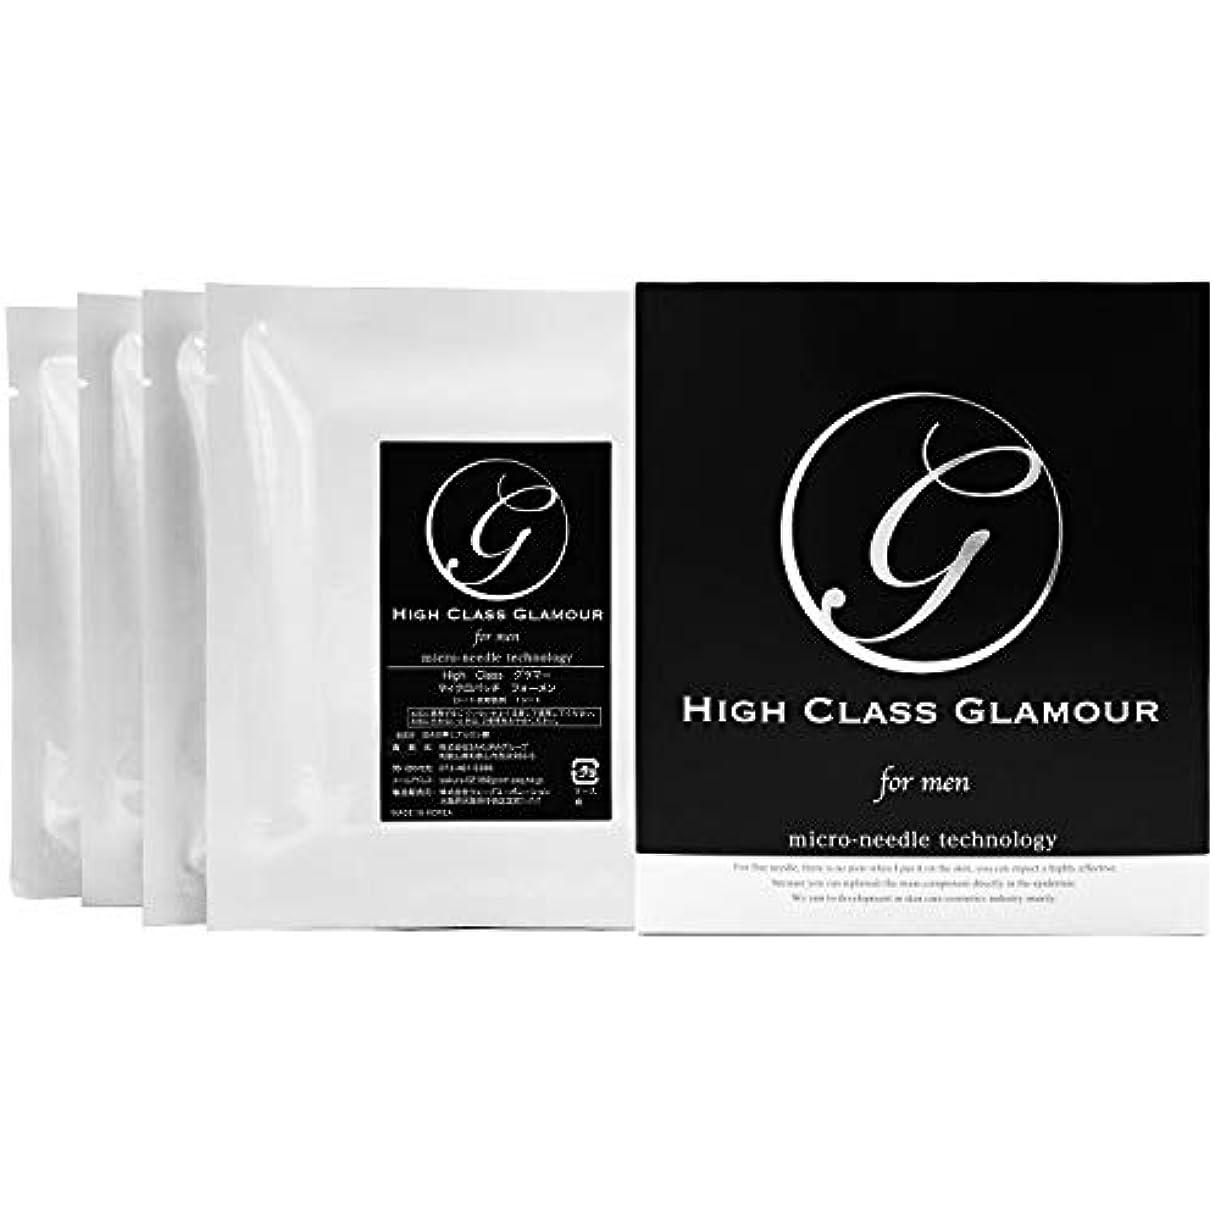 アレキサンダーグラハムベルハンディキャップ時計回りHigh class glamour メンズ マイクロパッチ 2枚×4セット (約1ヵ月分) 【悩めるオトコの肌に】